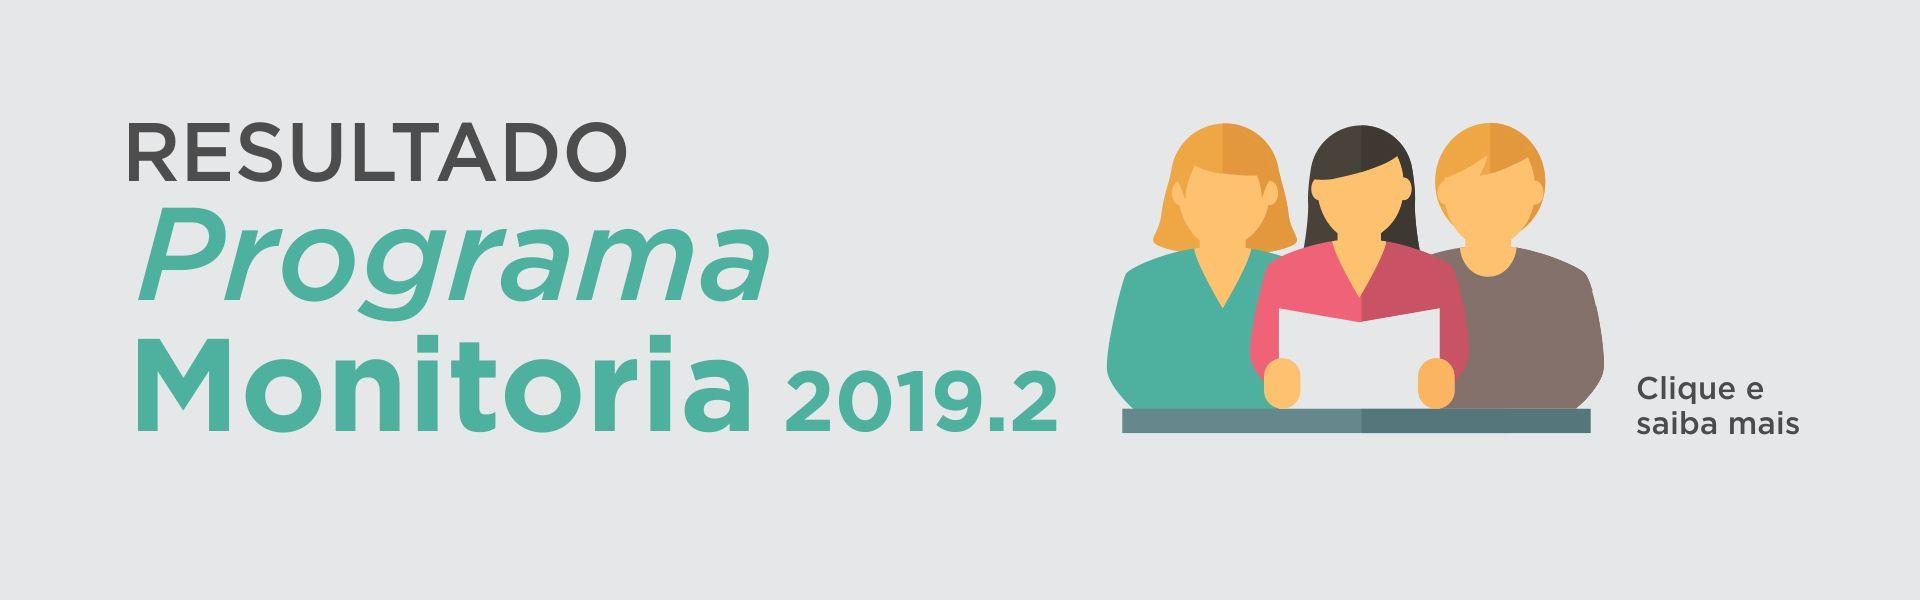 result monitoria 20192